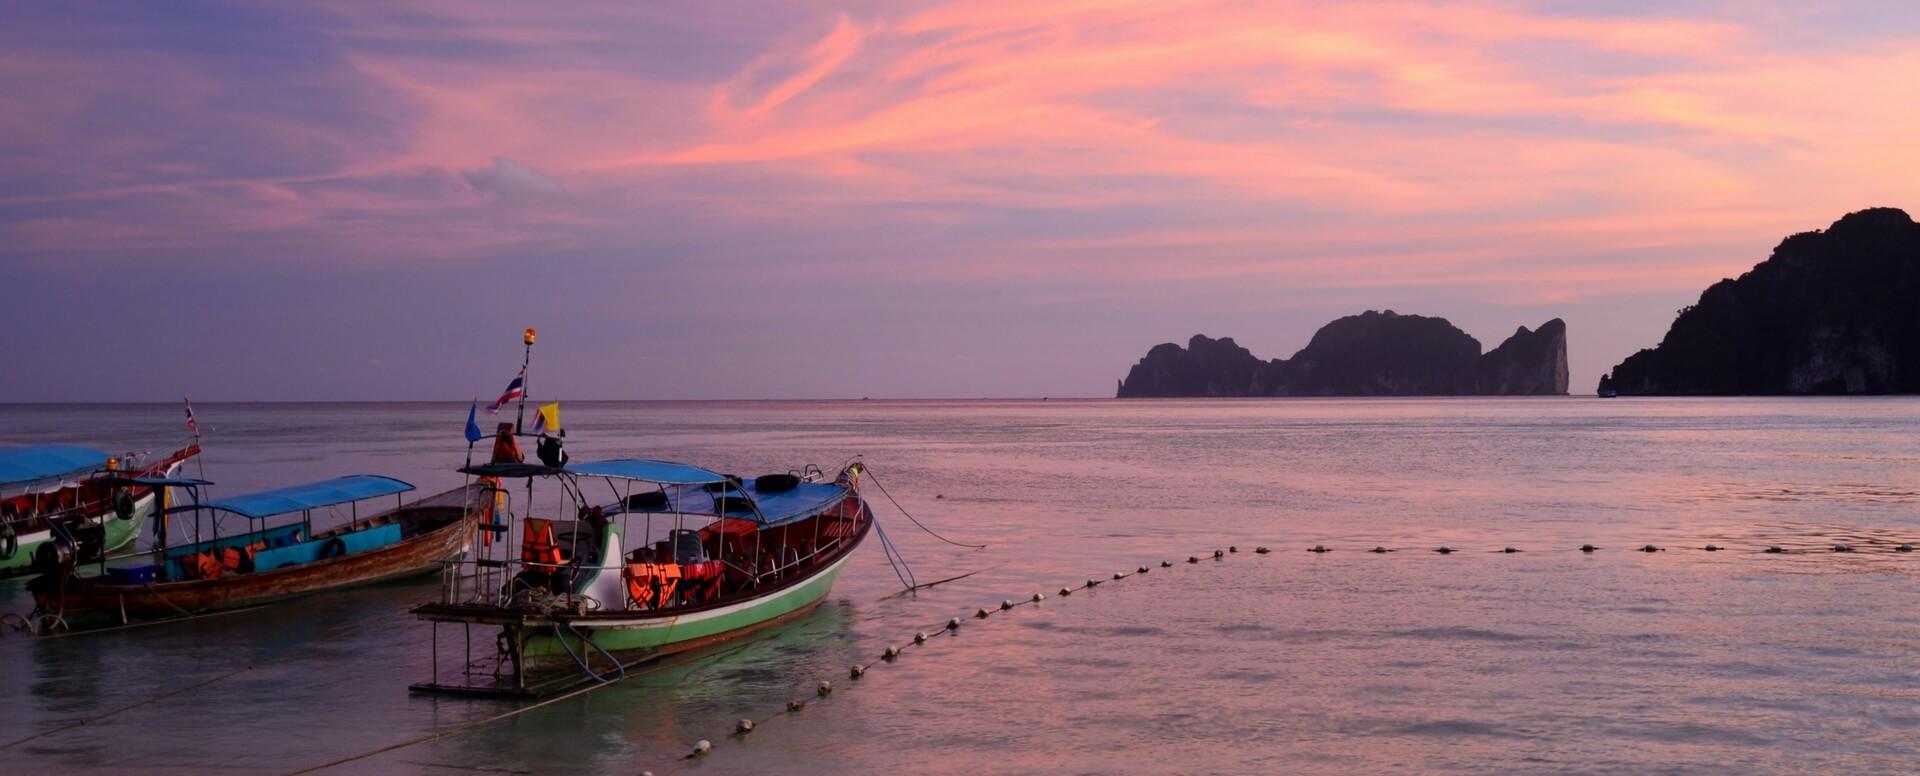 Découvrez les plus belles plages de Phuket - Phuket